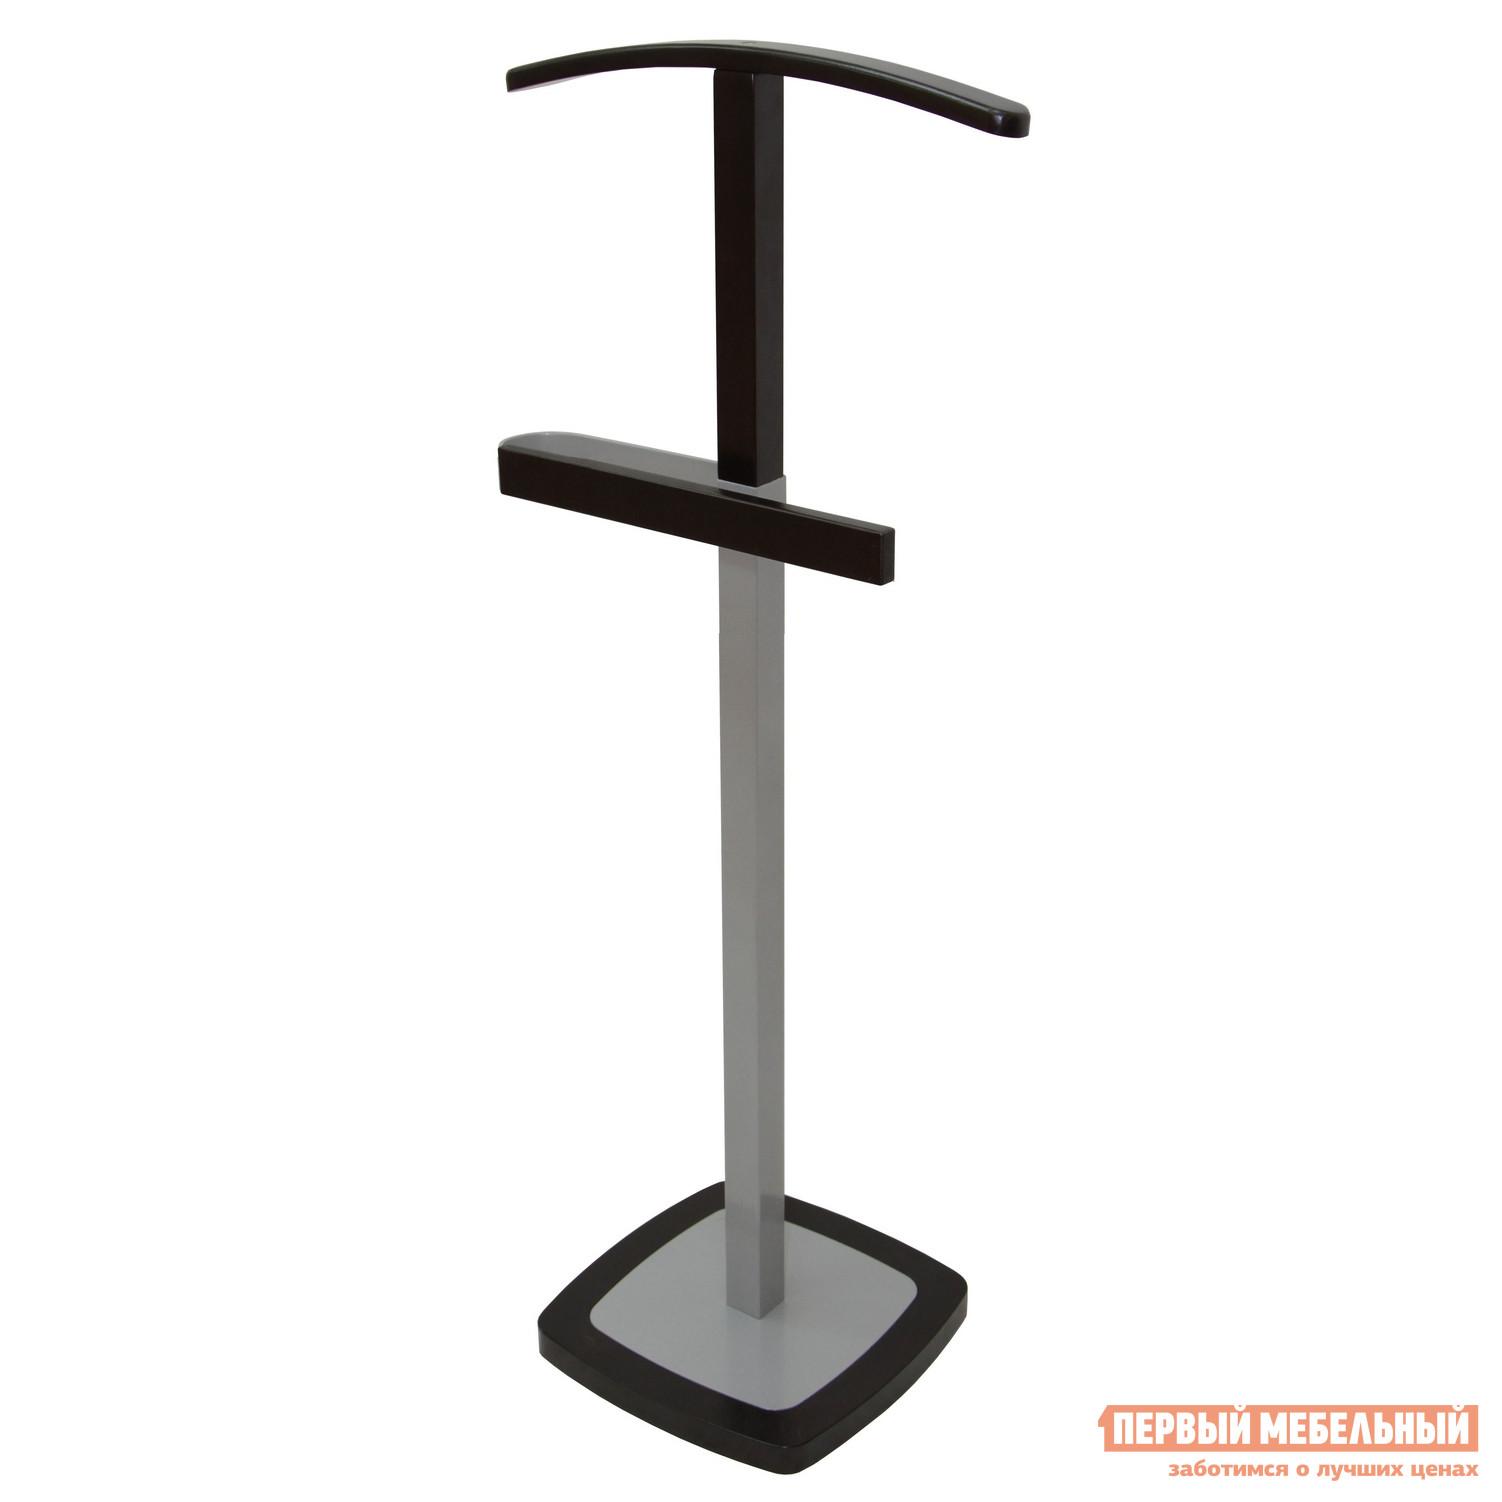 Костюмная вешалка Мебелик Босс 7 Металлик/Темно-коричневый